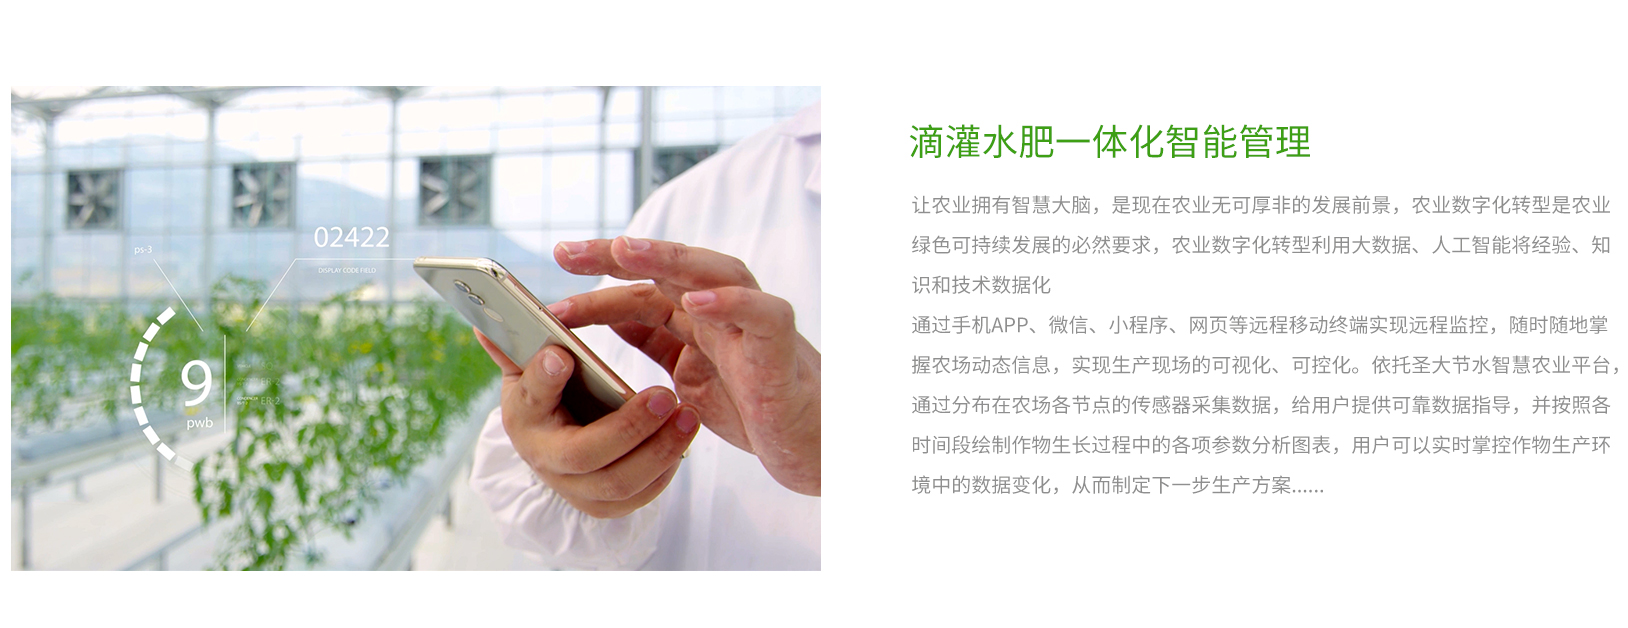 奥门新萄京83855com-澳门葡萄京588778com-智慧农业物联网平台